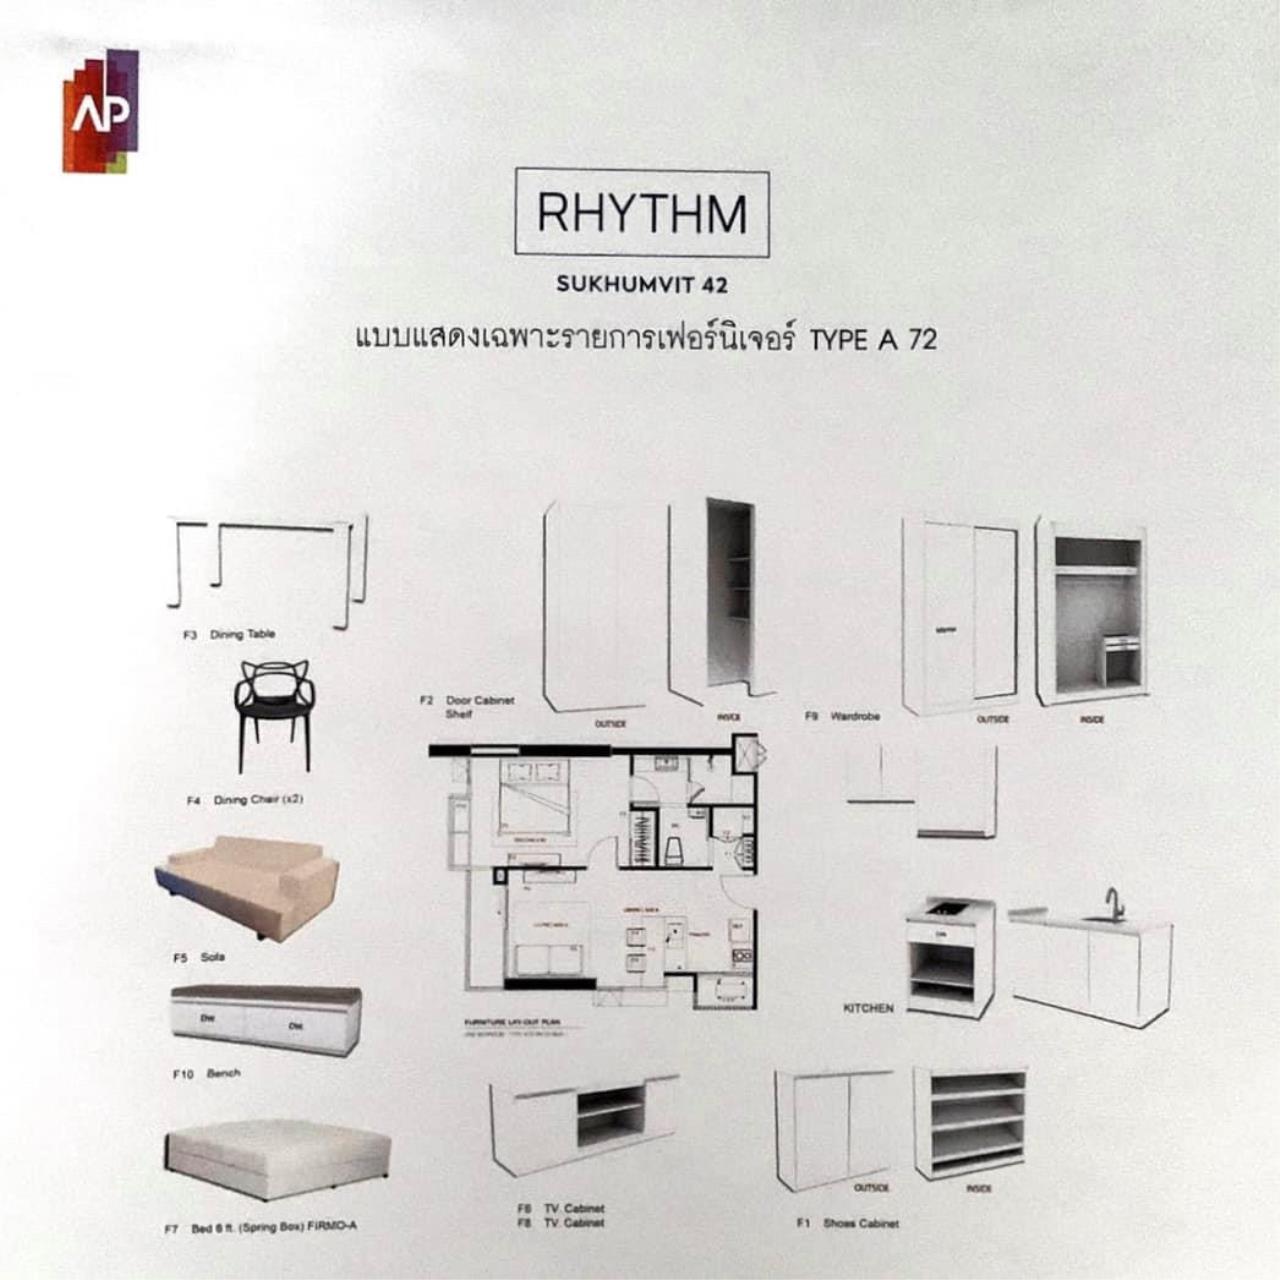 Agent - Phapayawarin Agency's For Rent***Rhythm Sukhumvit 42, 48 sq.m,1 bedroom 1 bathroom, BTS Ekamai 15